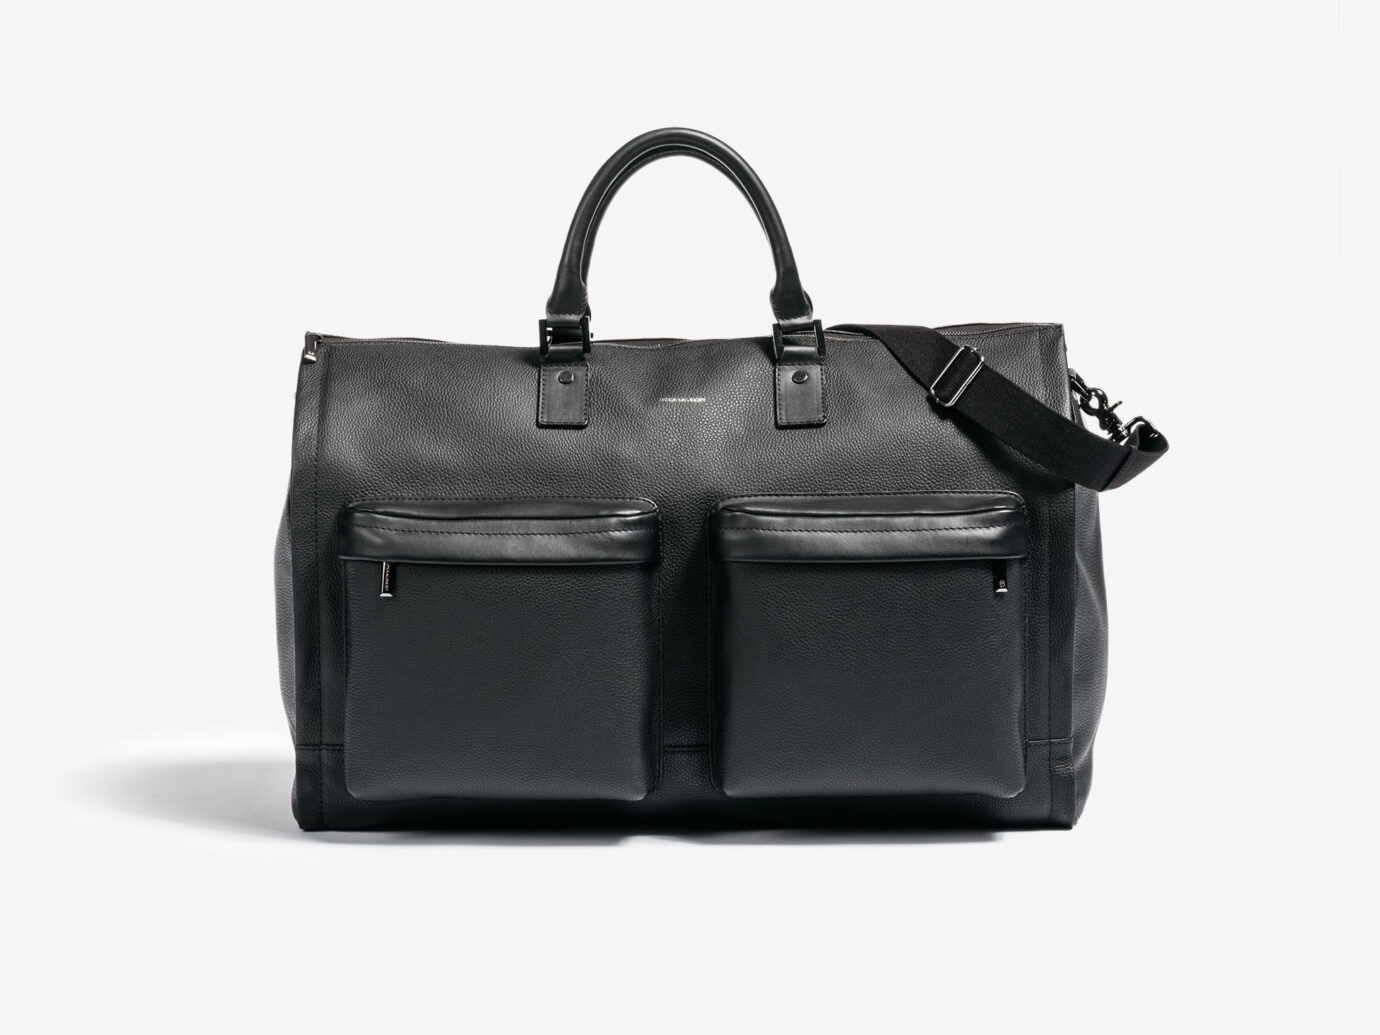 Hook & Albert Gen 2 Leather Garment Weekender Bag